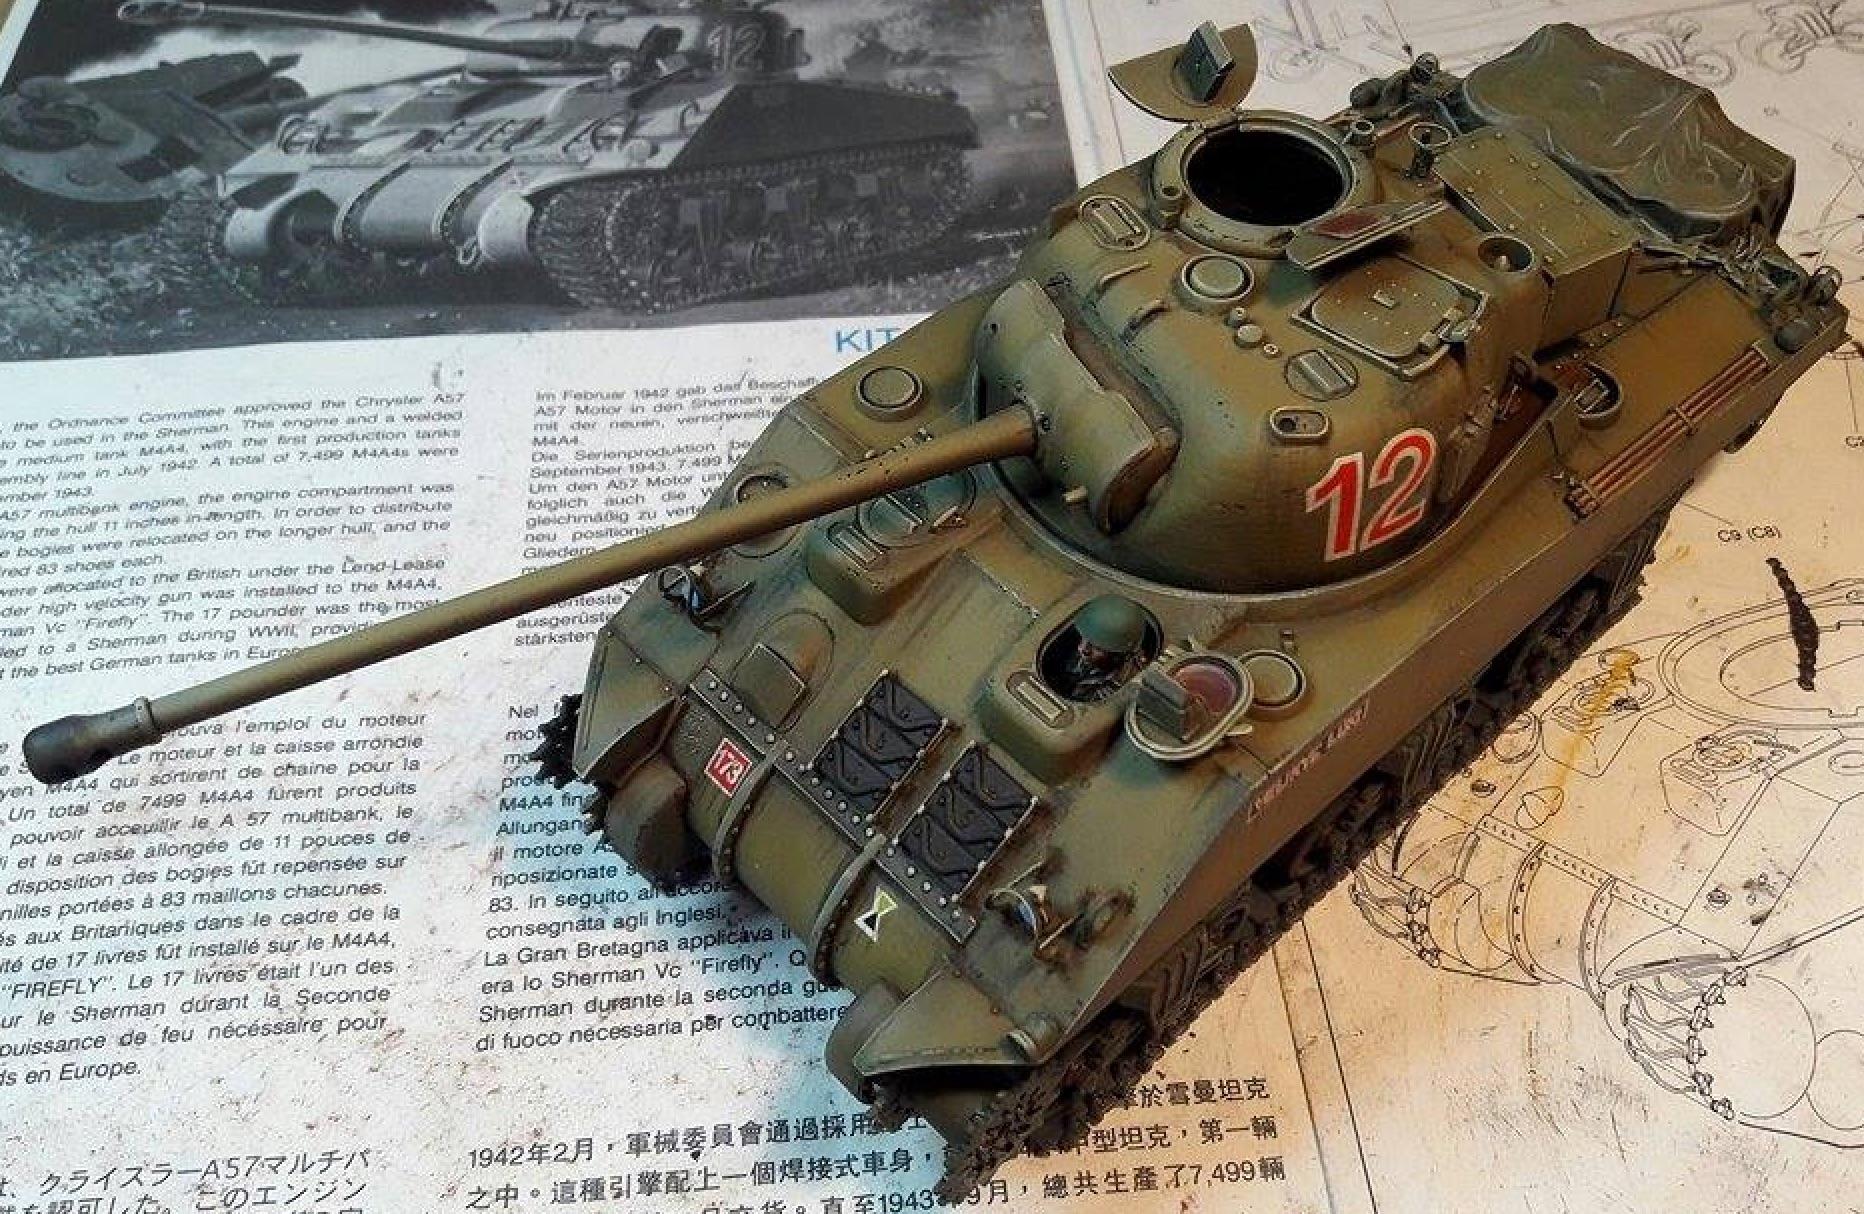 Sherman Vc Firefly - 1/35ème - kit Dragon #6031 Sherman Vc 'Firefly' - Page 2 870653Decalsplaced